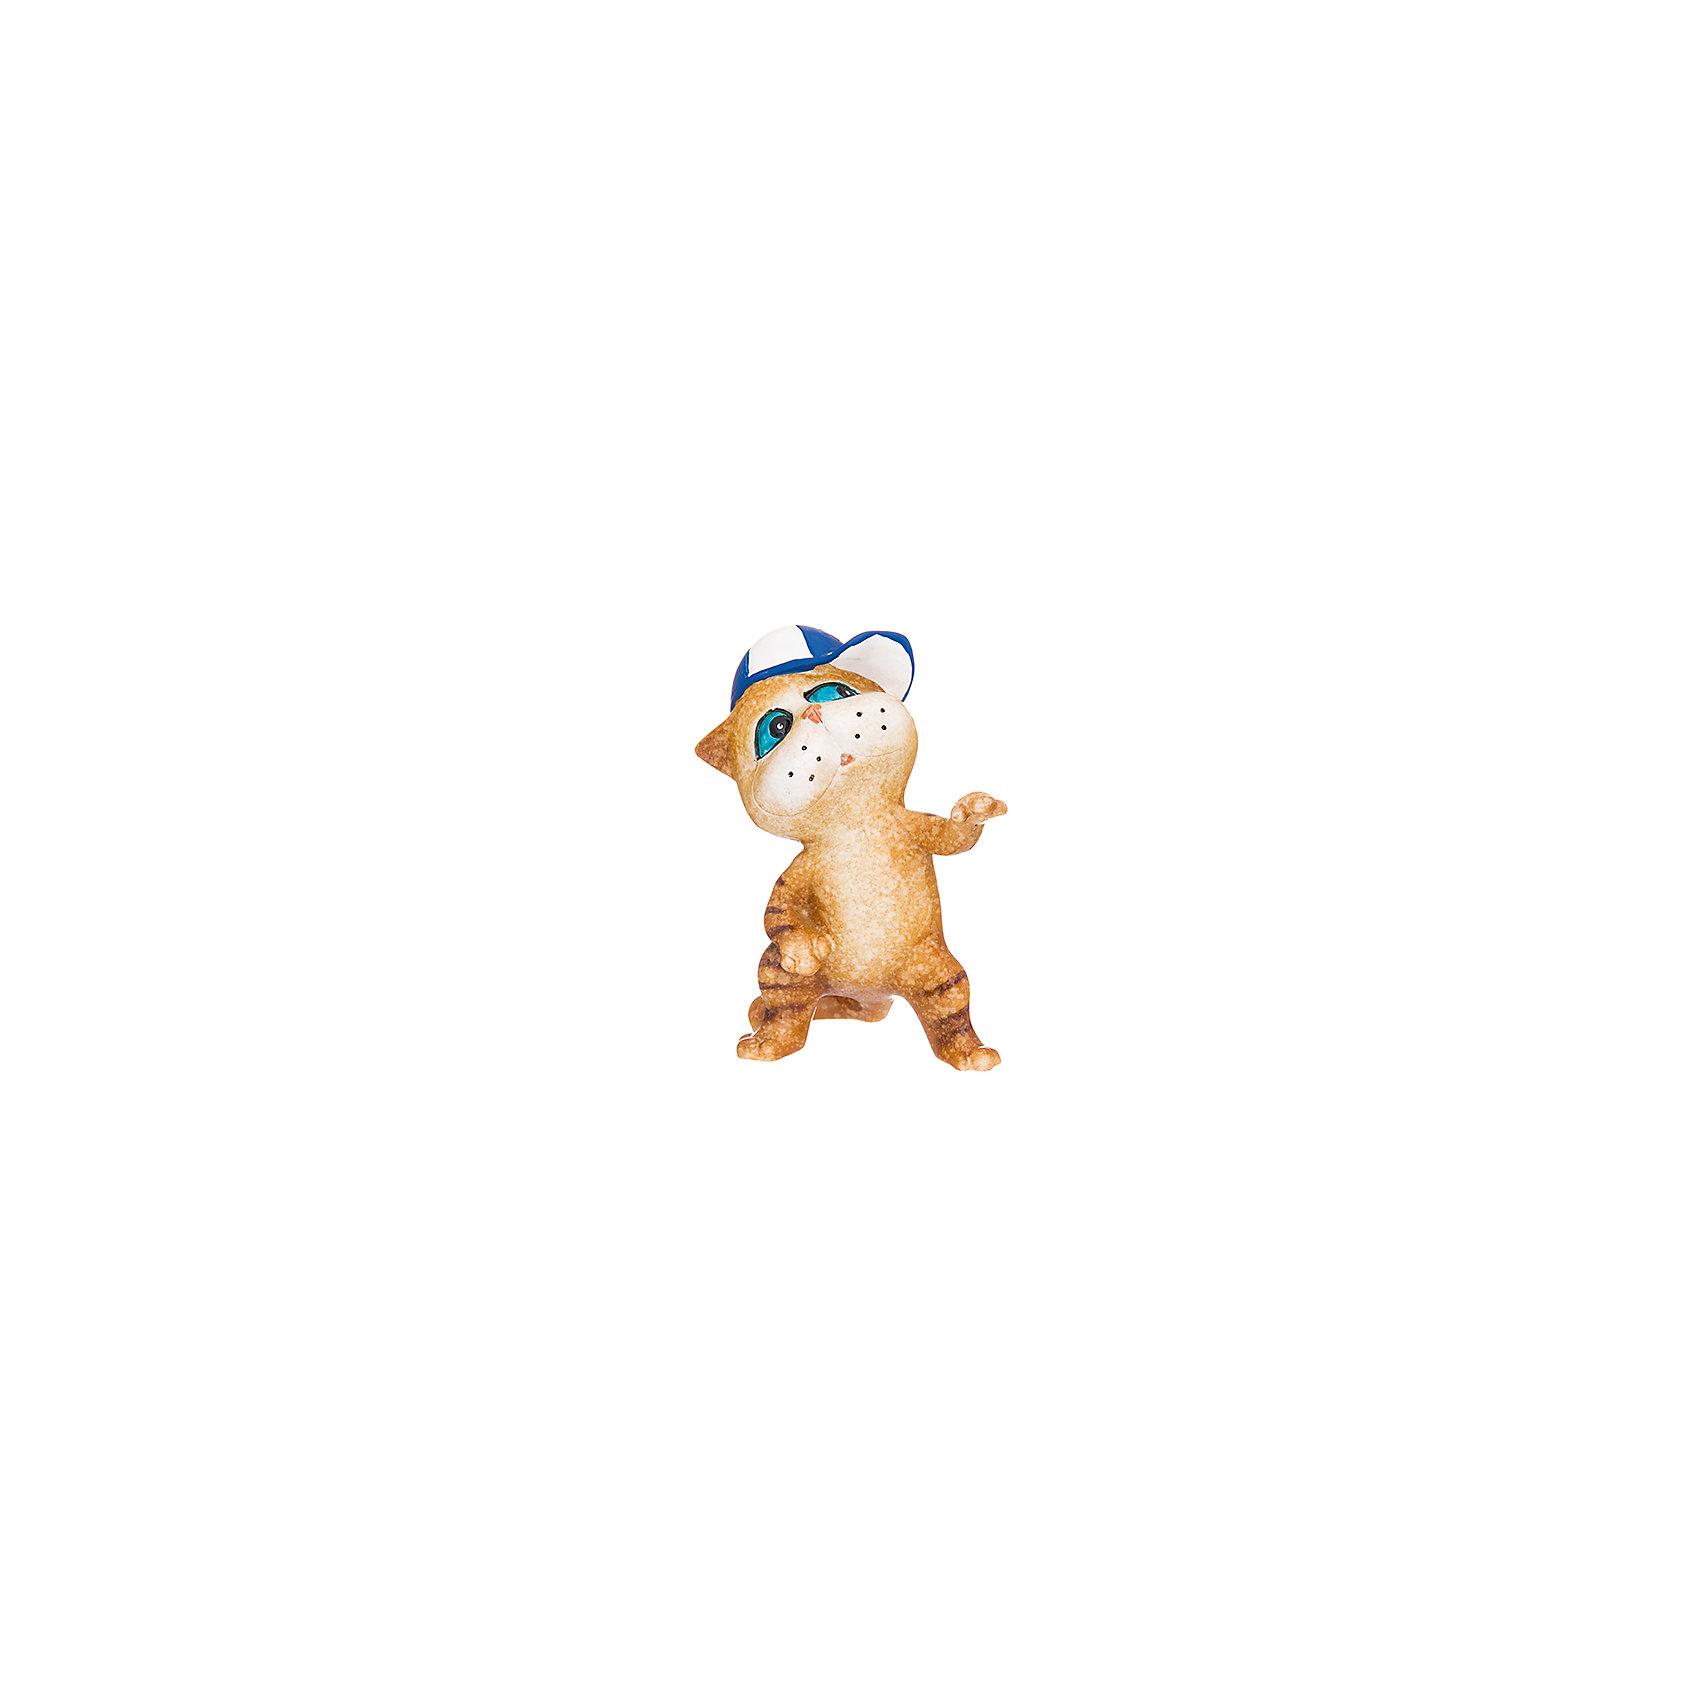 Фигурка декоративная Котик хип - хоп, Elan GalleryПредметы интерьера<br>Фигурка декоративная  Elan Gallery 6,5*5,5*8 см. Котик хип - хоп, Elan Gallery Декоративные фигурки - это отличный способ разнообразить внутреннее убранство дома, частичка вашей индивидуальности в облике жилища!<br><br>Ширина мм: 70<br>Глубина мм: 62<br>Высота мм: 102<br>Вес г: 132<br>Возраст от месяцев: 0<br>Возраст до месяцев: 1188<br>Пол: Унисекс<br>Возраст: Детский<br>SKU: 6669026